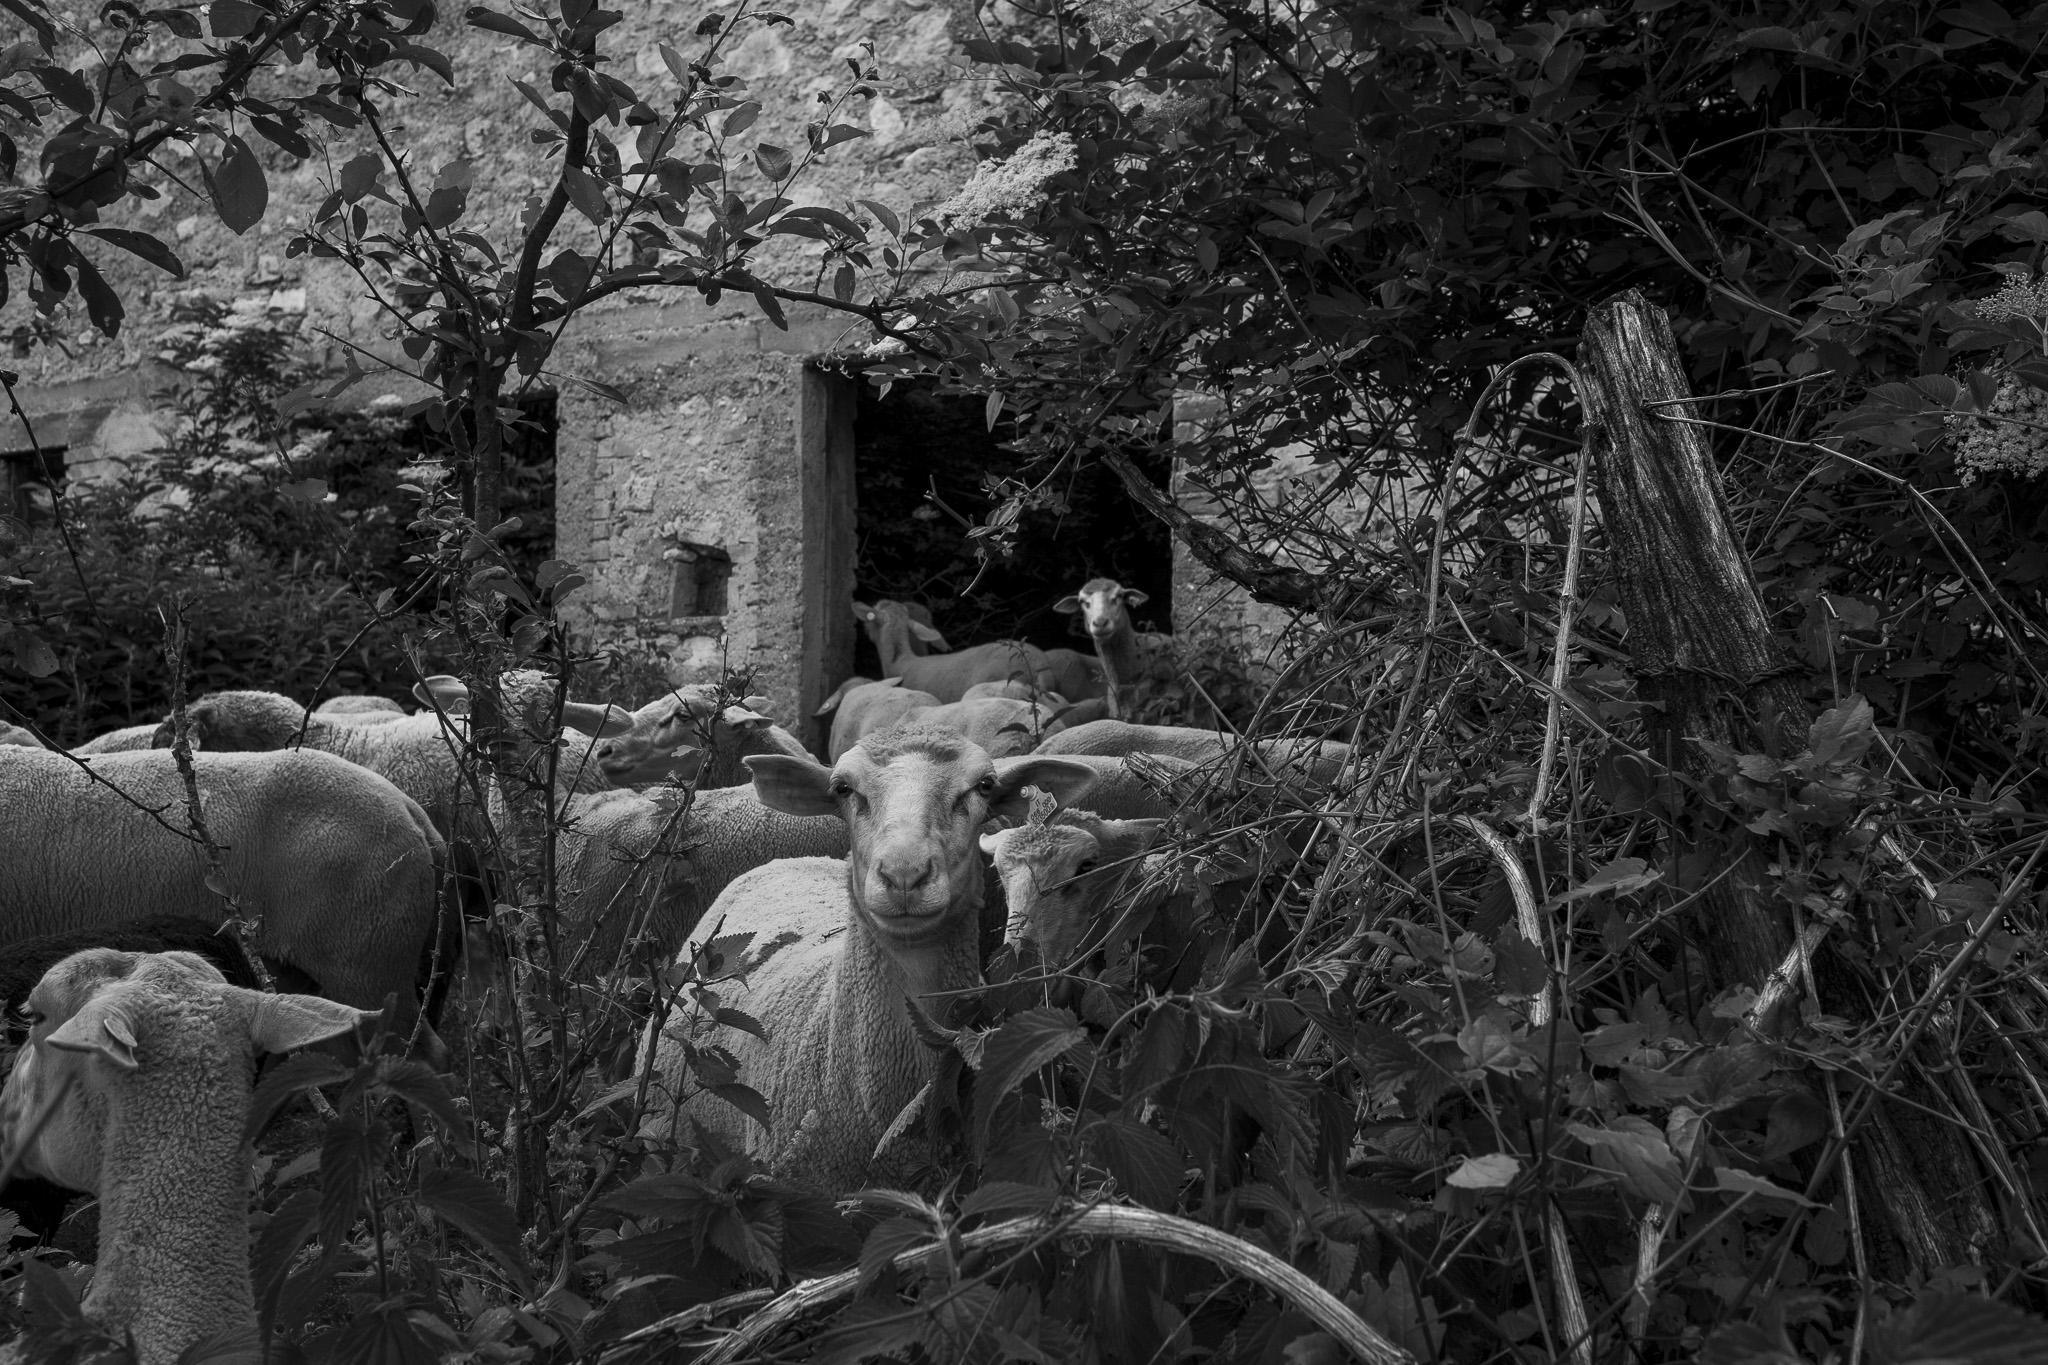 Vecchia stalla di Cartore, transumanza - Giulio Burroni